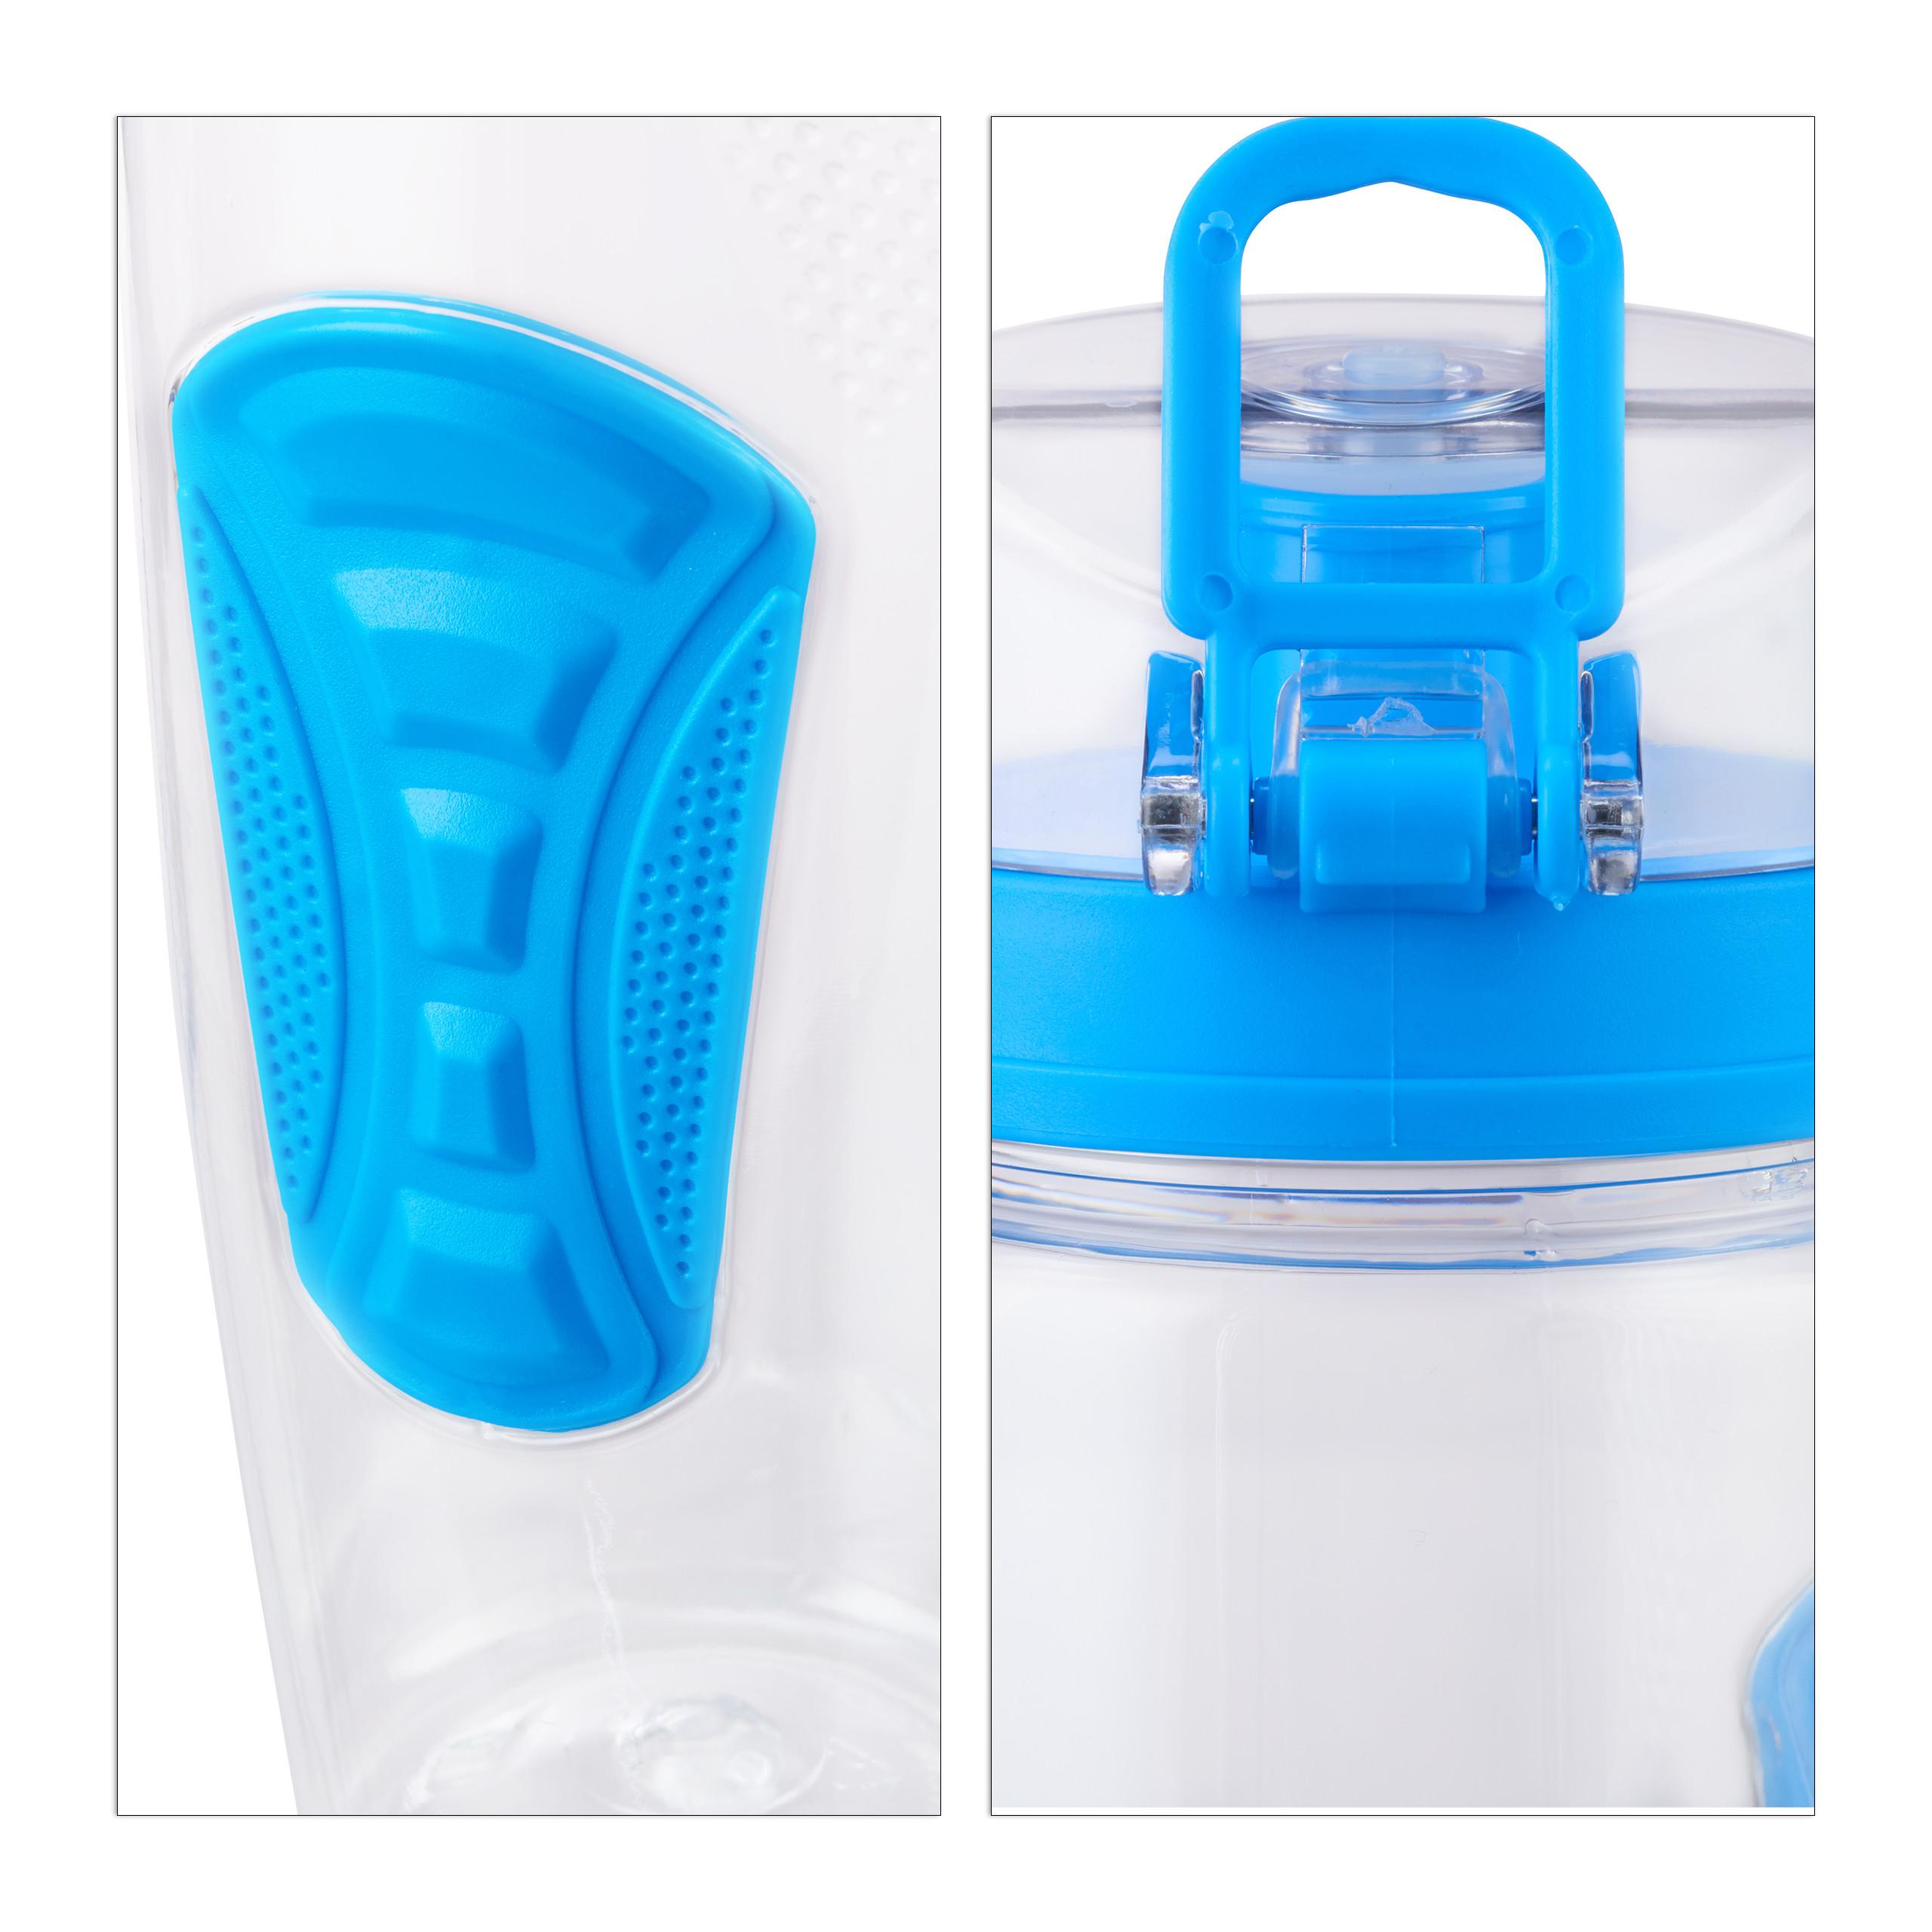 Indexbild 9 - 2 x Trinkflasche Obsteinsatz Infuser Trinkflasche Wasserflasche Infuser Bottle